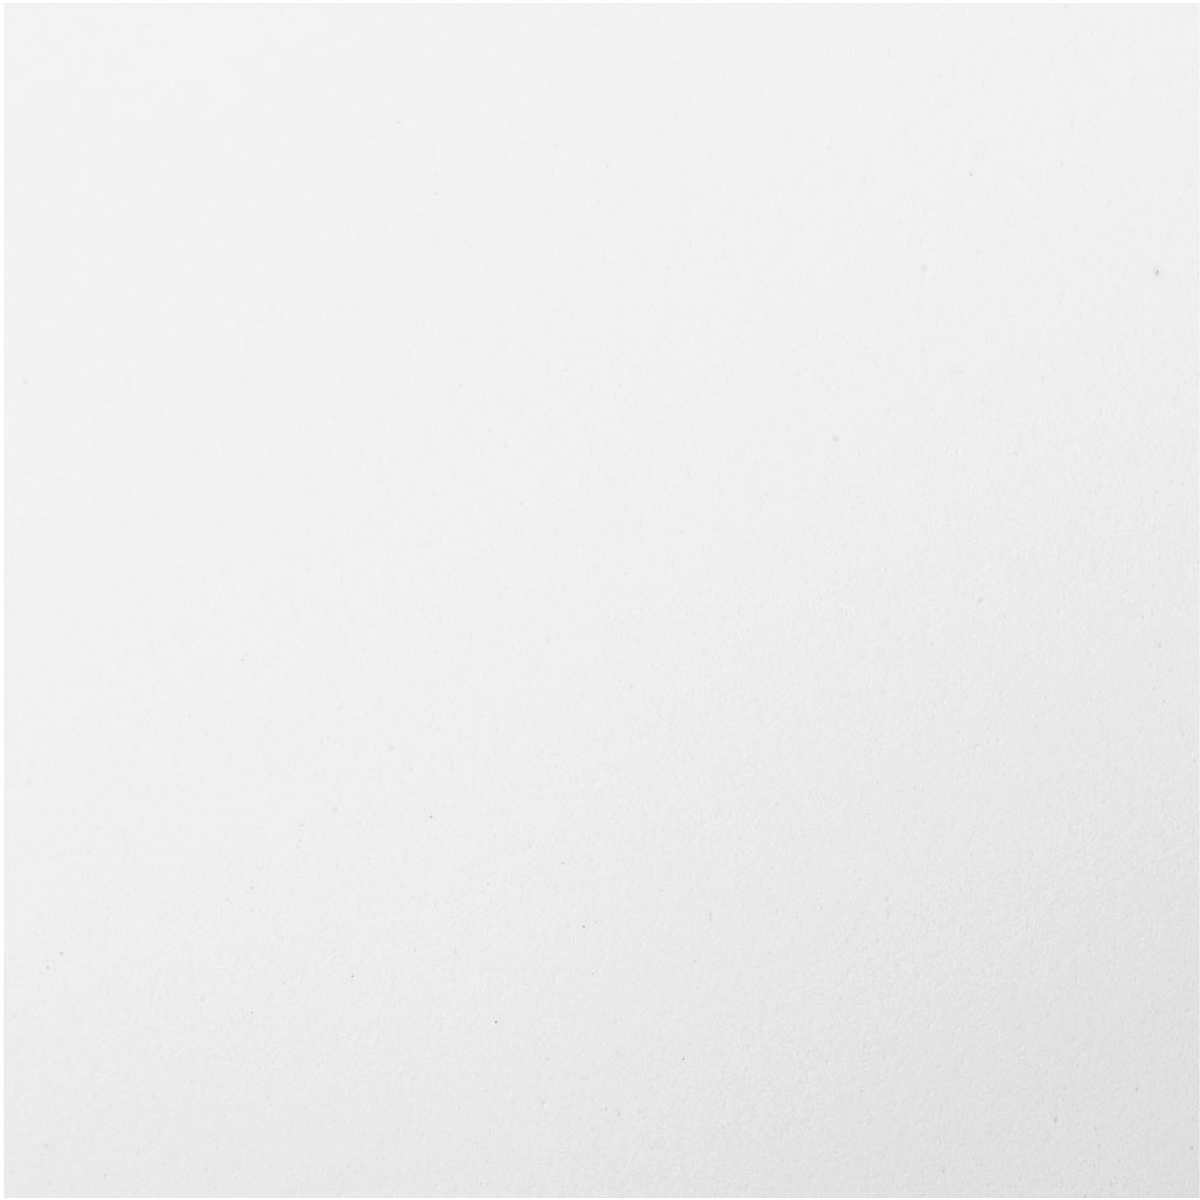 Placa em EVA | 60x40cm Branco 1,6mm Pct.c/10 - Make+